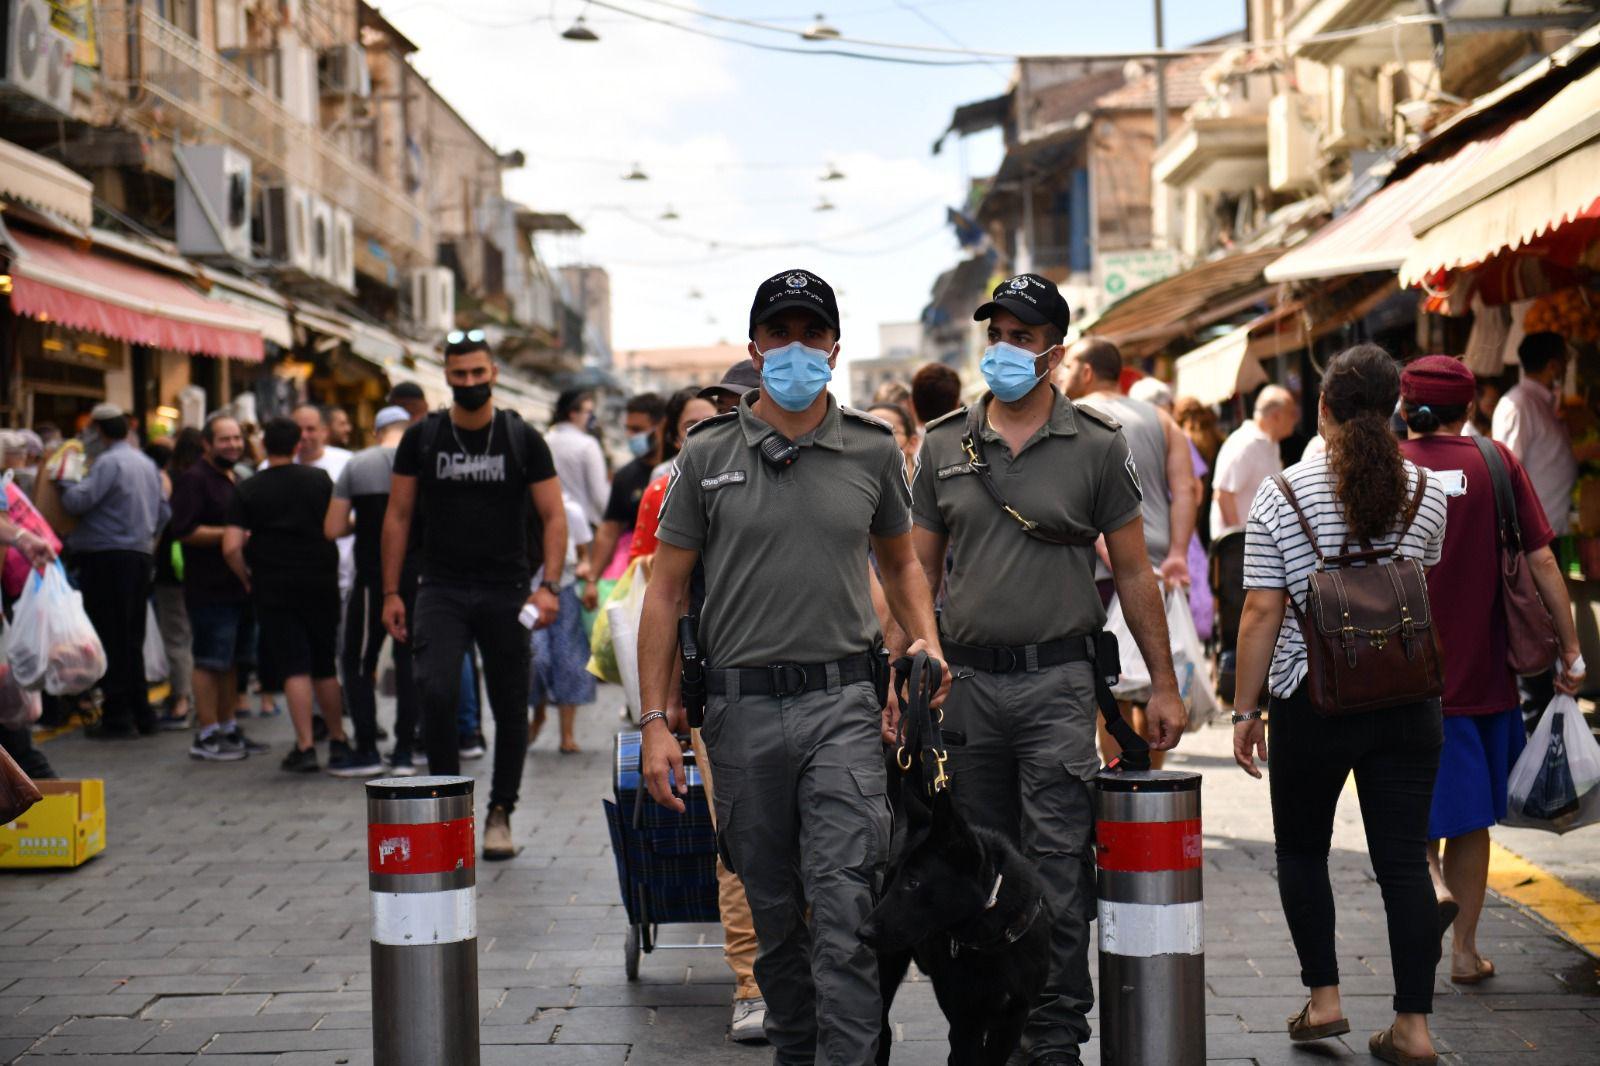 פעילות המשטרה בירושלים (צילום: דוברות המשטרה)